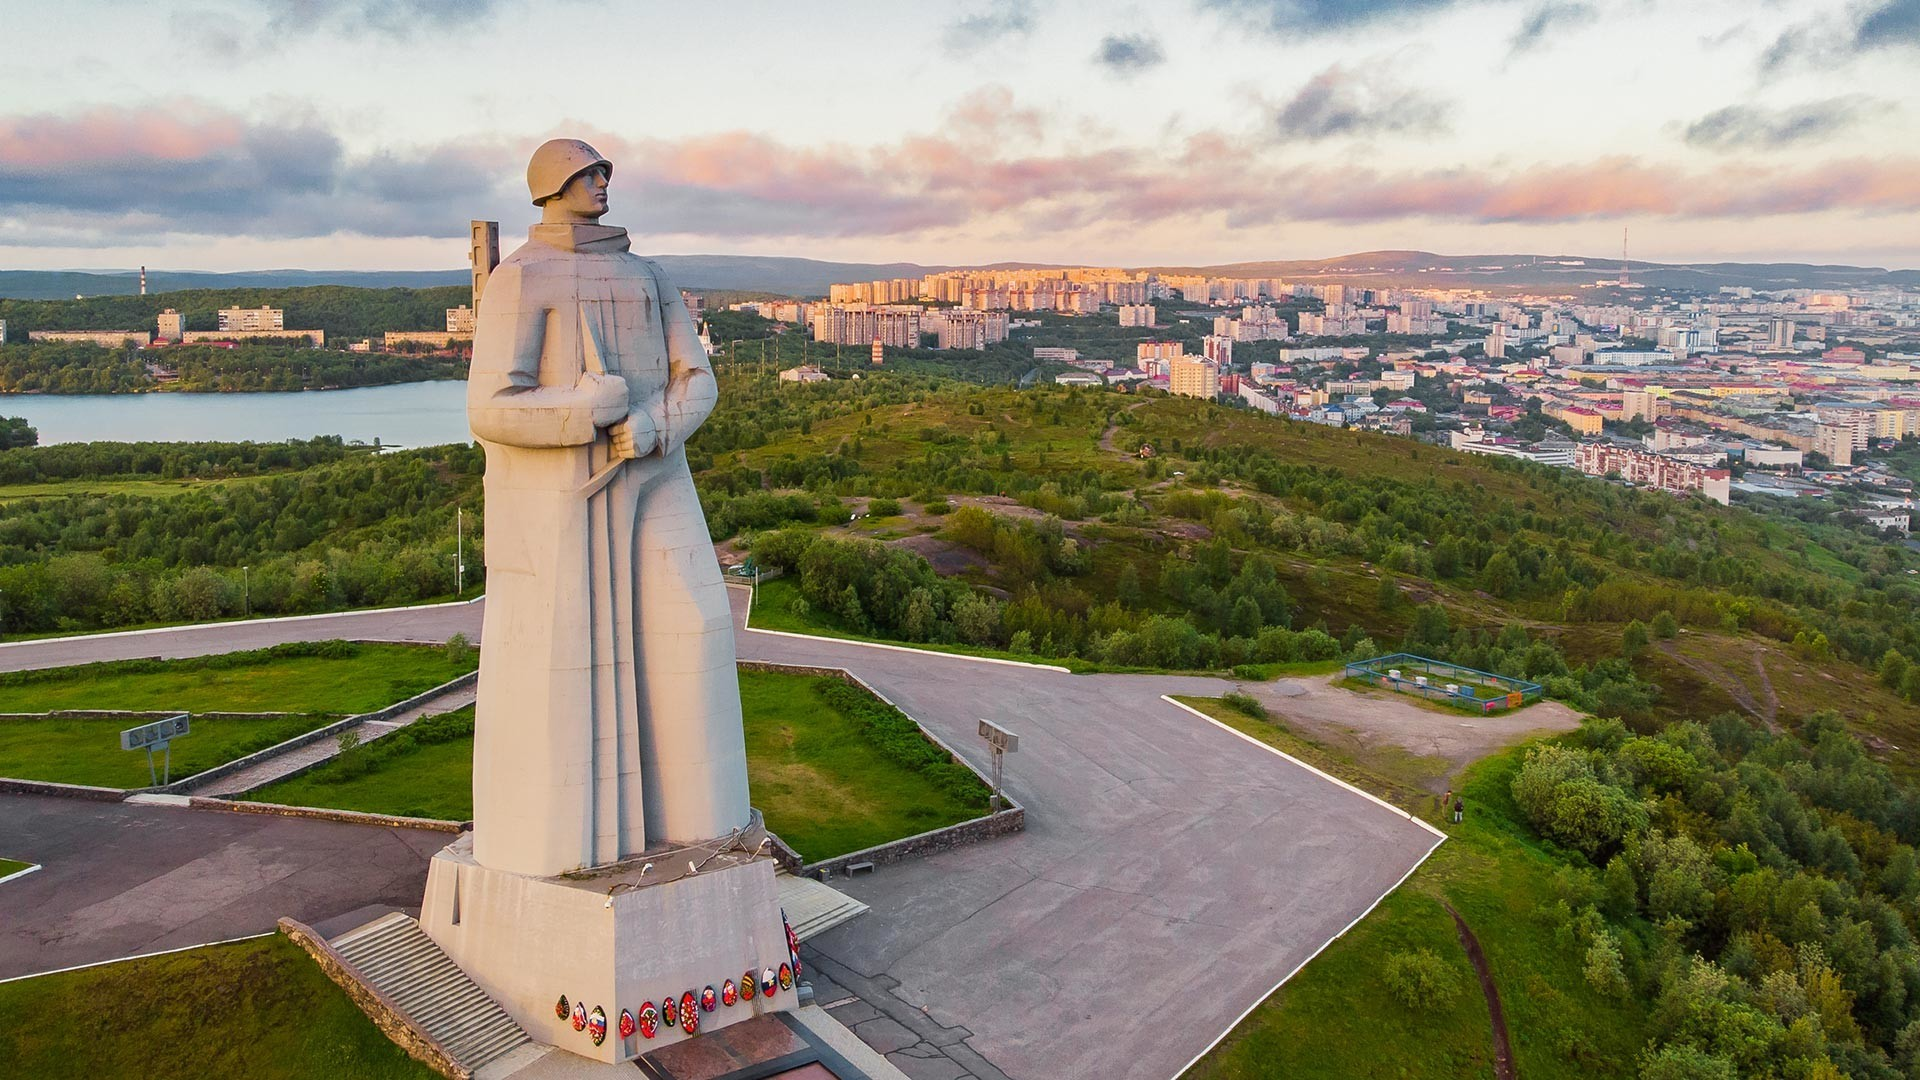 Monumento Defensores do Ártico Soviético durante a Grande Guerra Patriótica